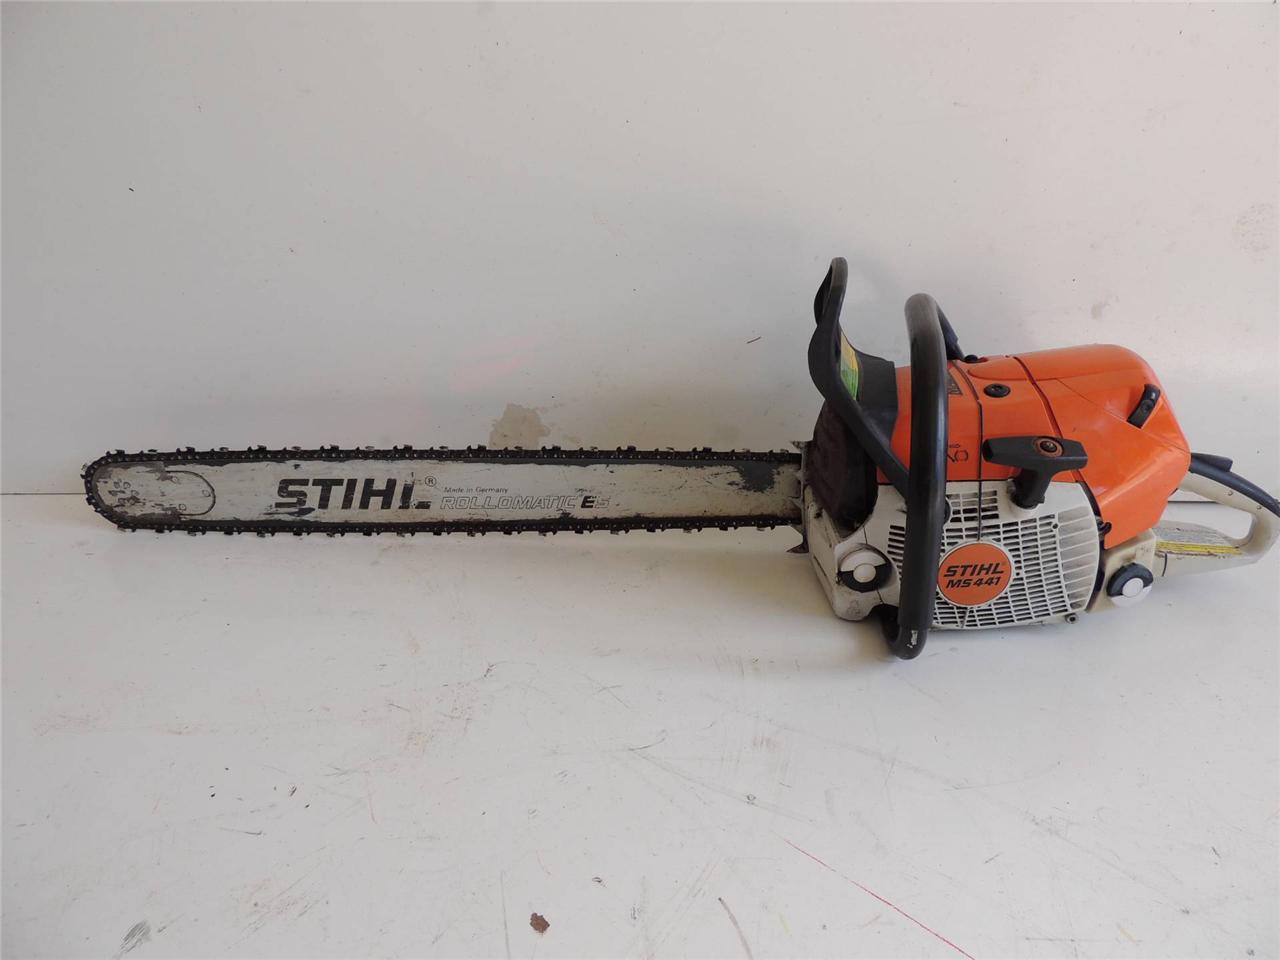 Stihl deals on chainsaws